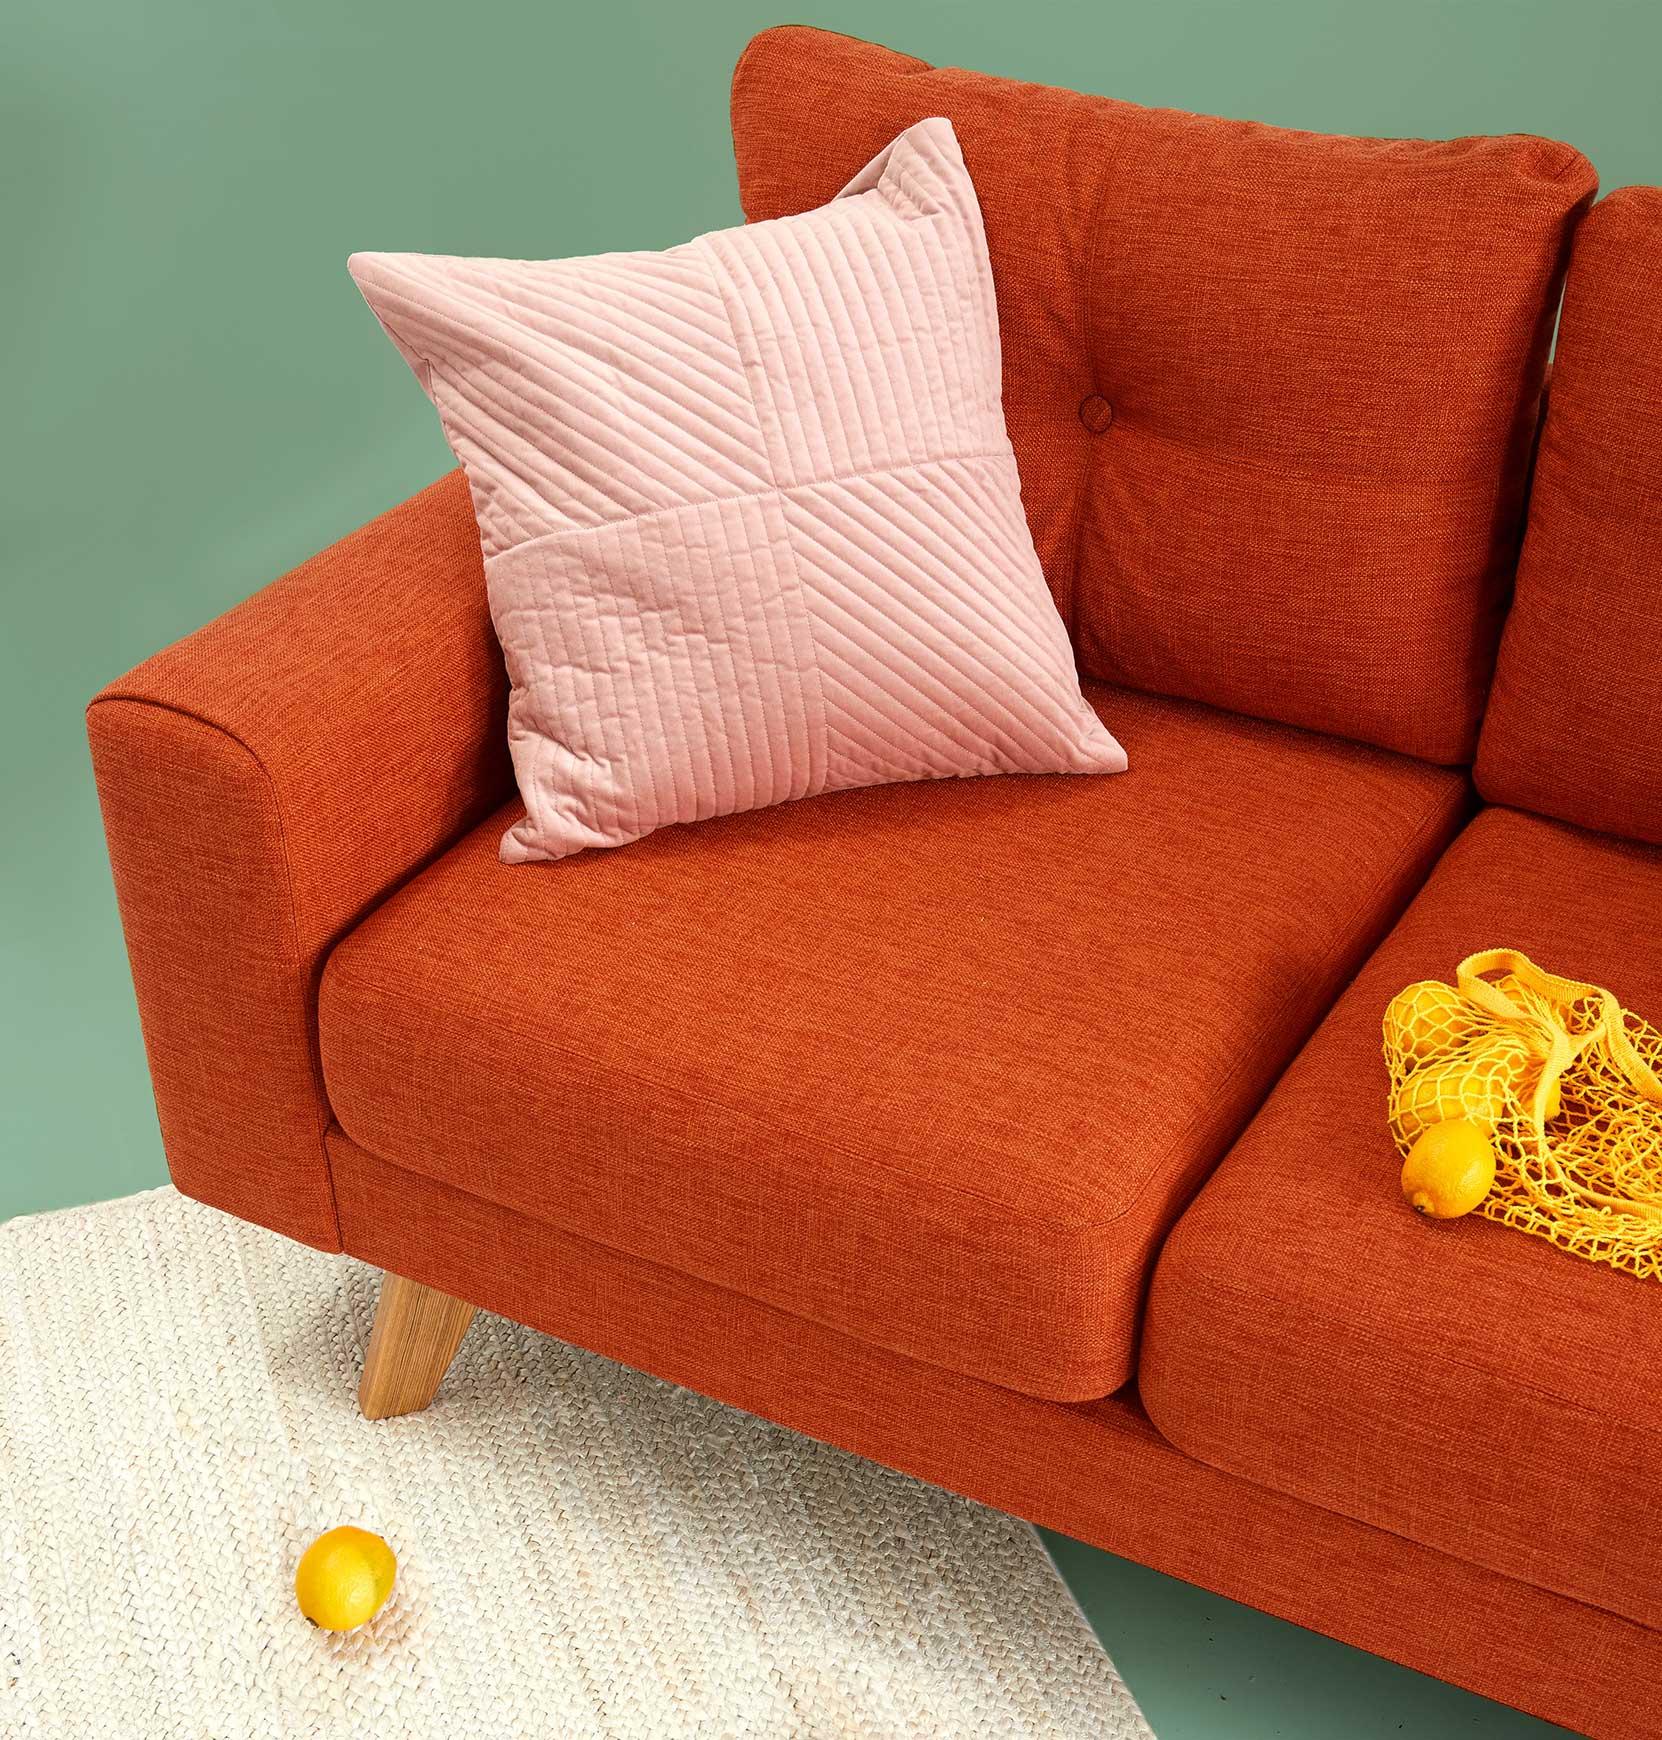 Unique armchair